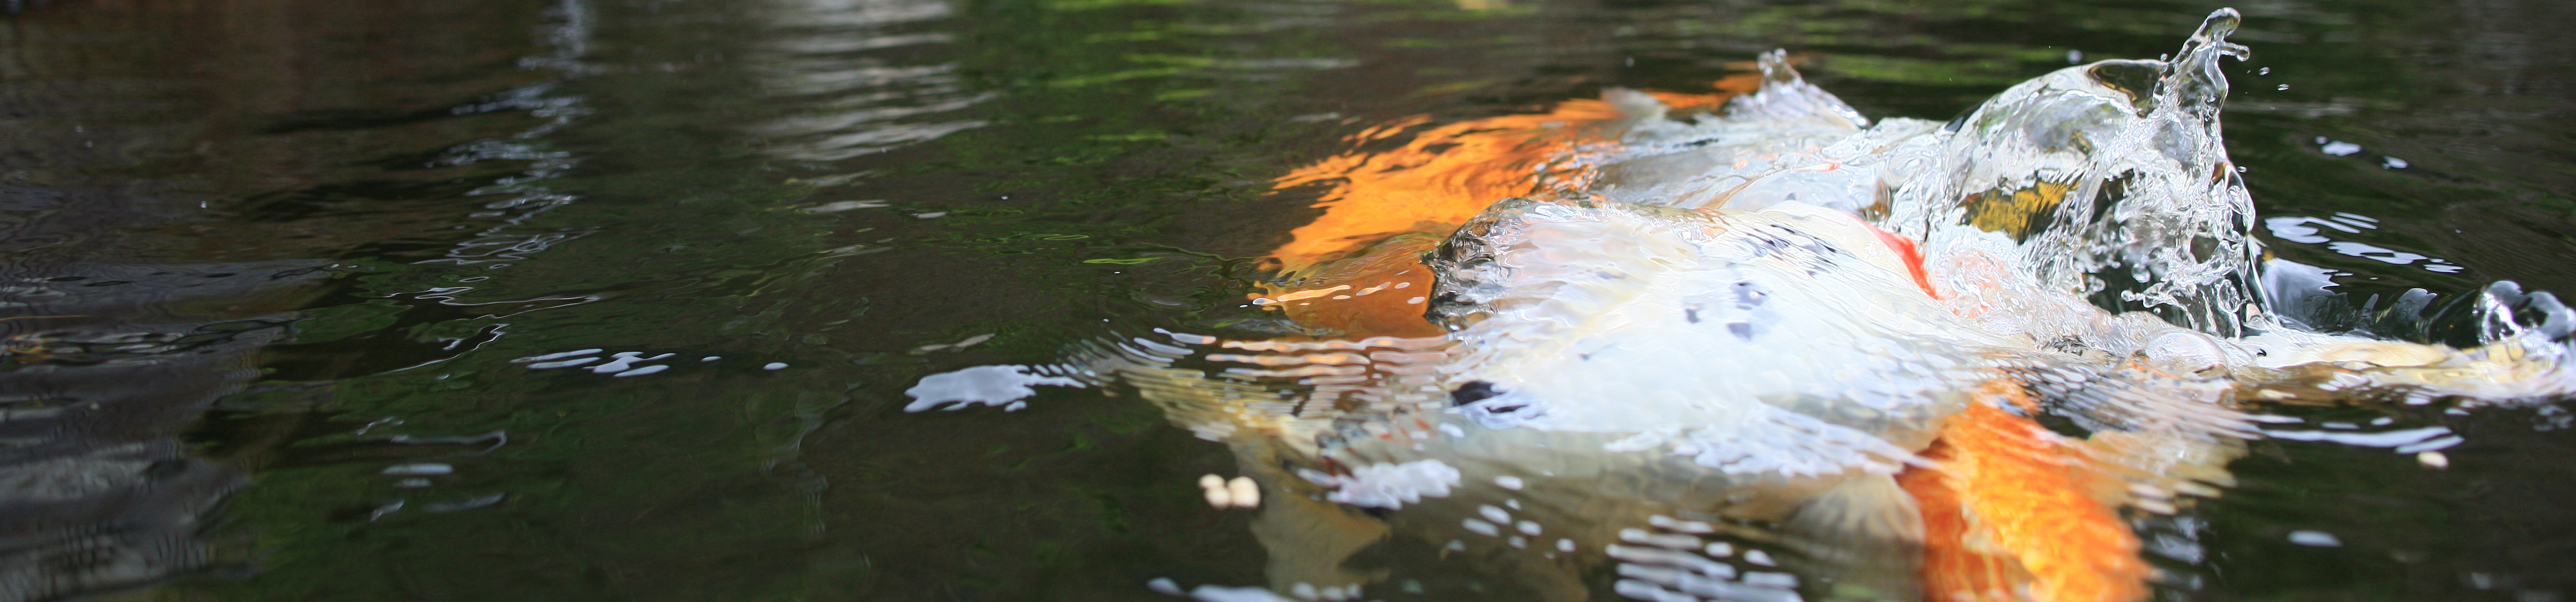 водоем с рыбой